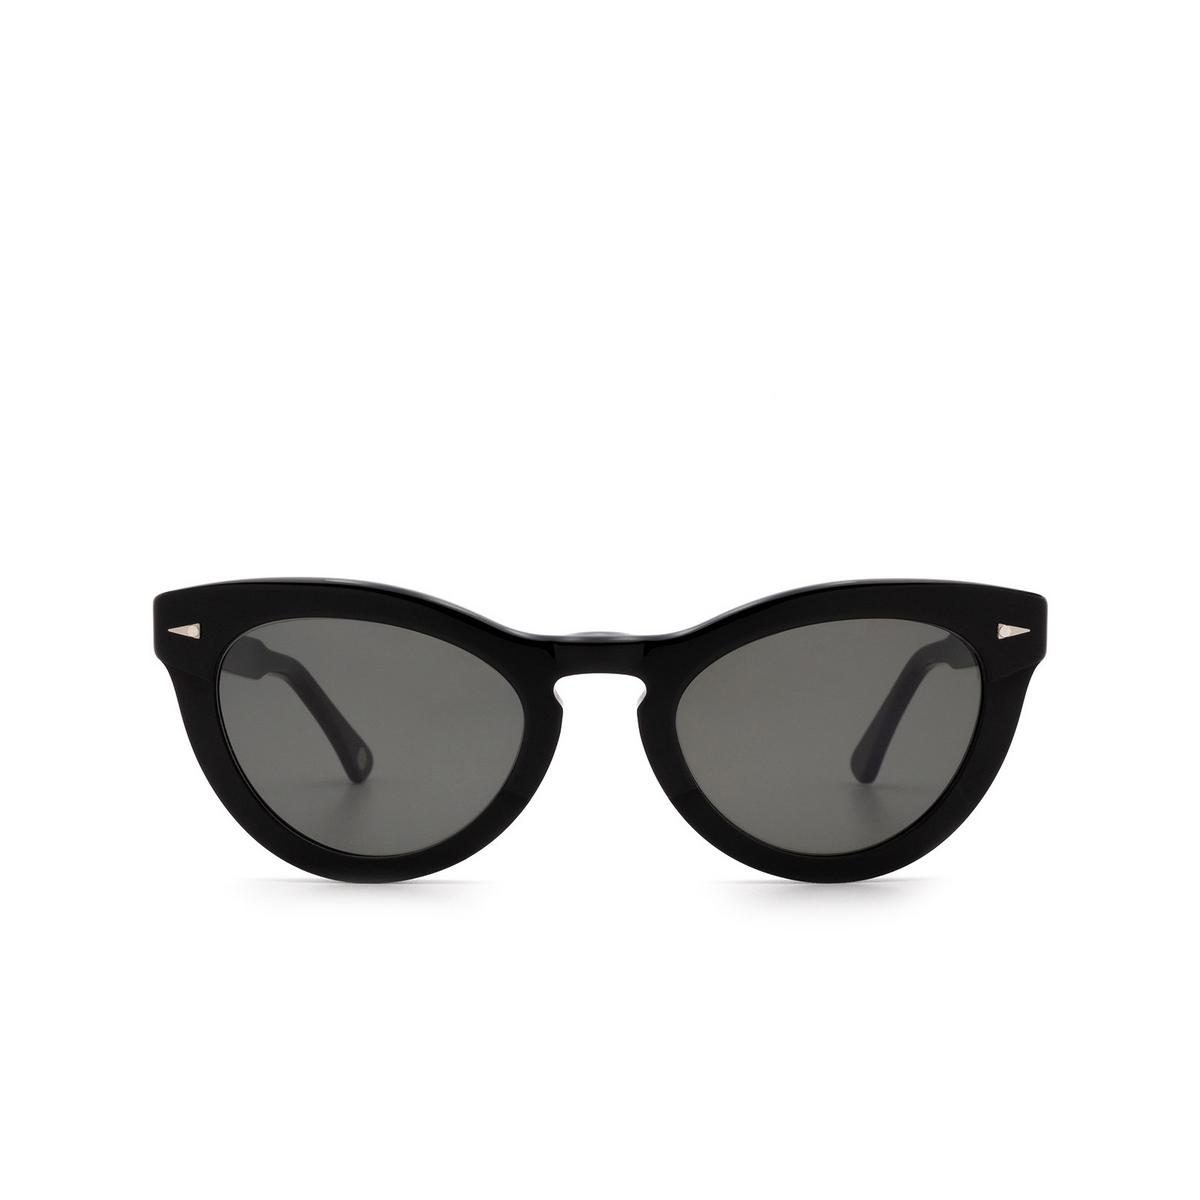 Ahlem® Cat-eye Sunglasses: Ile St Louis color Black.